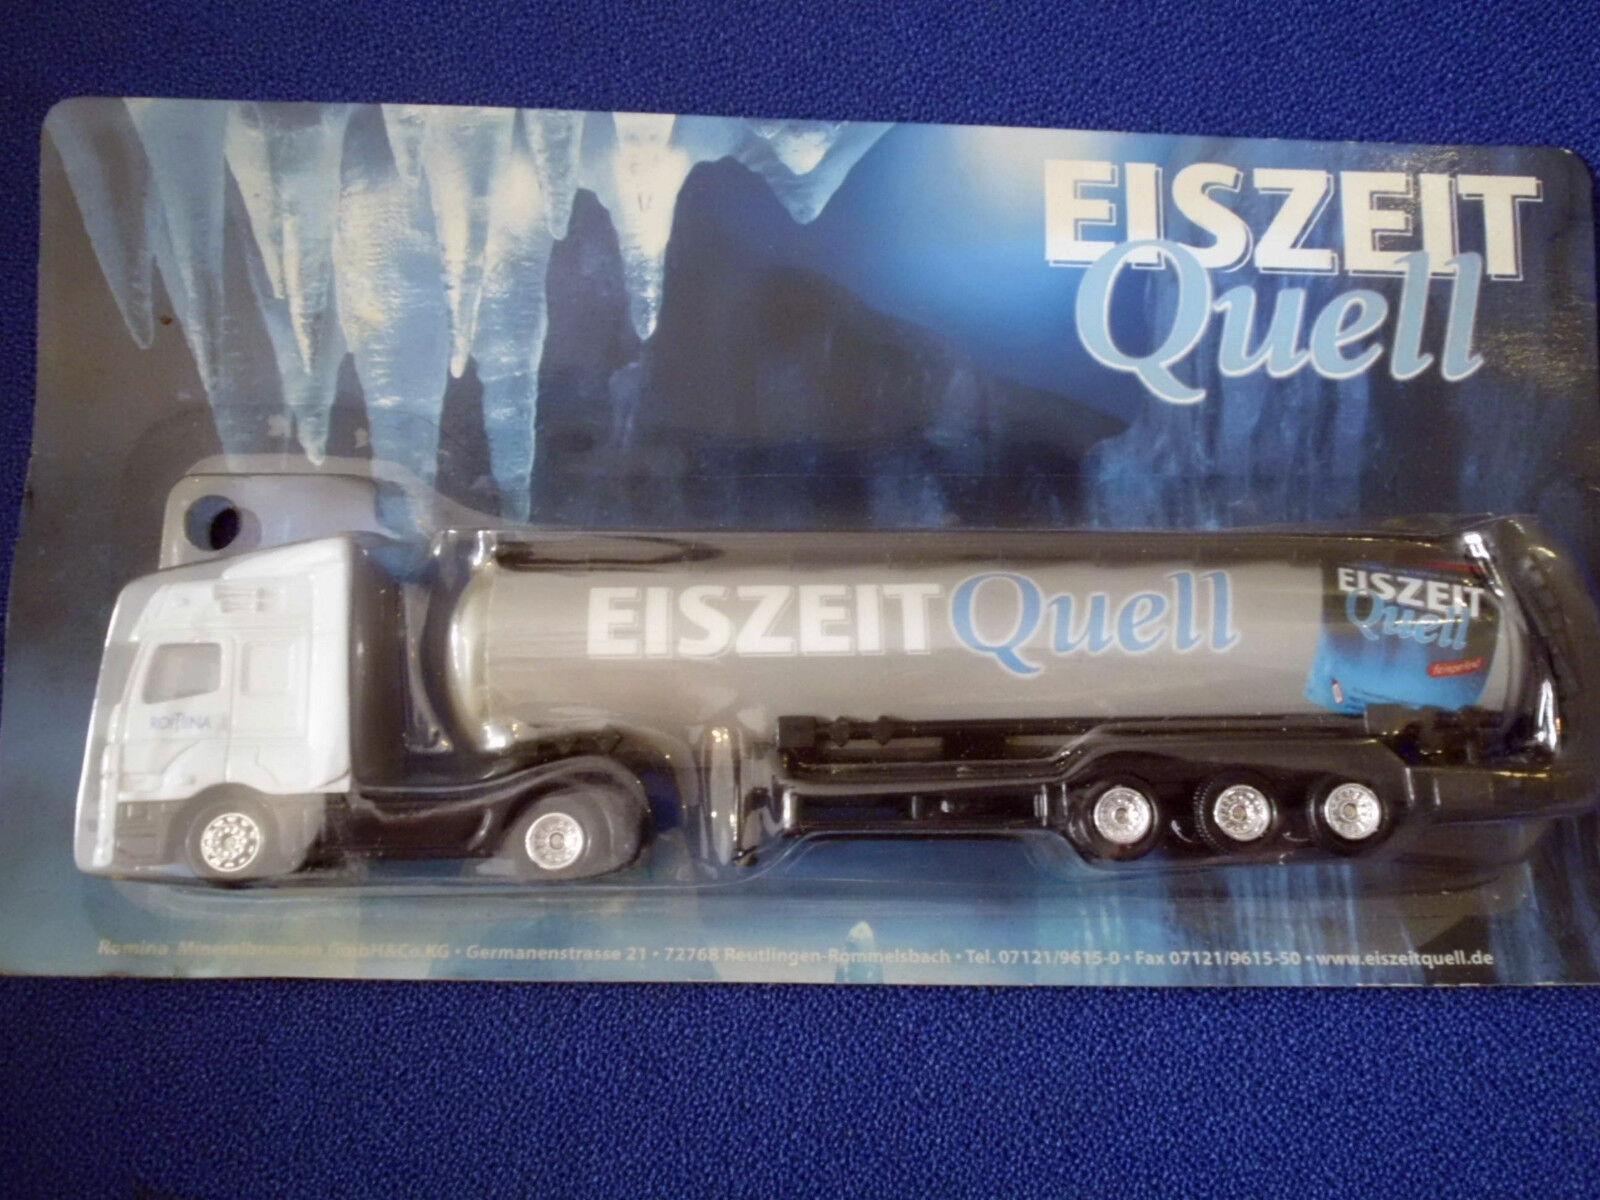 Modèle maquette de camion Benz Axor Eiszeit quell Romina